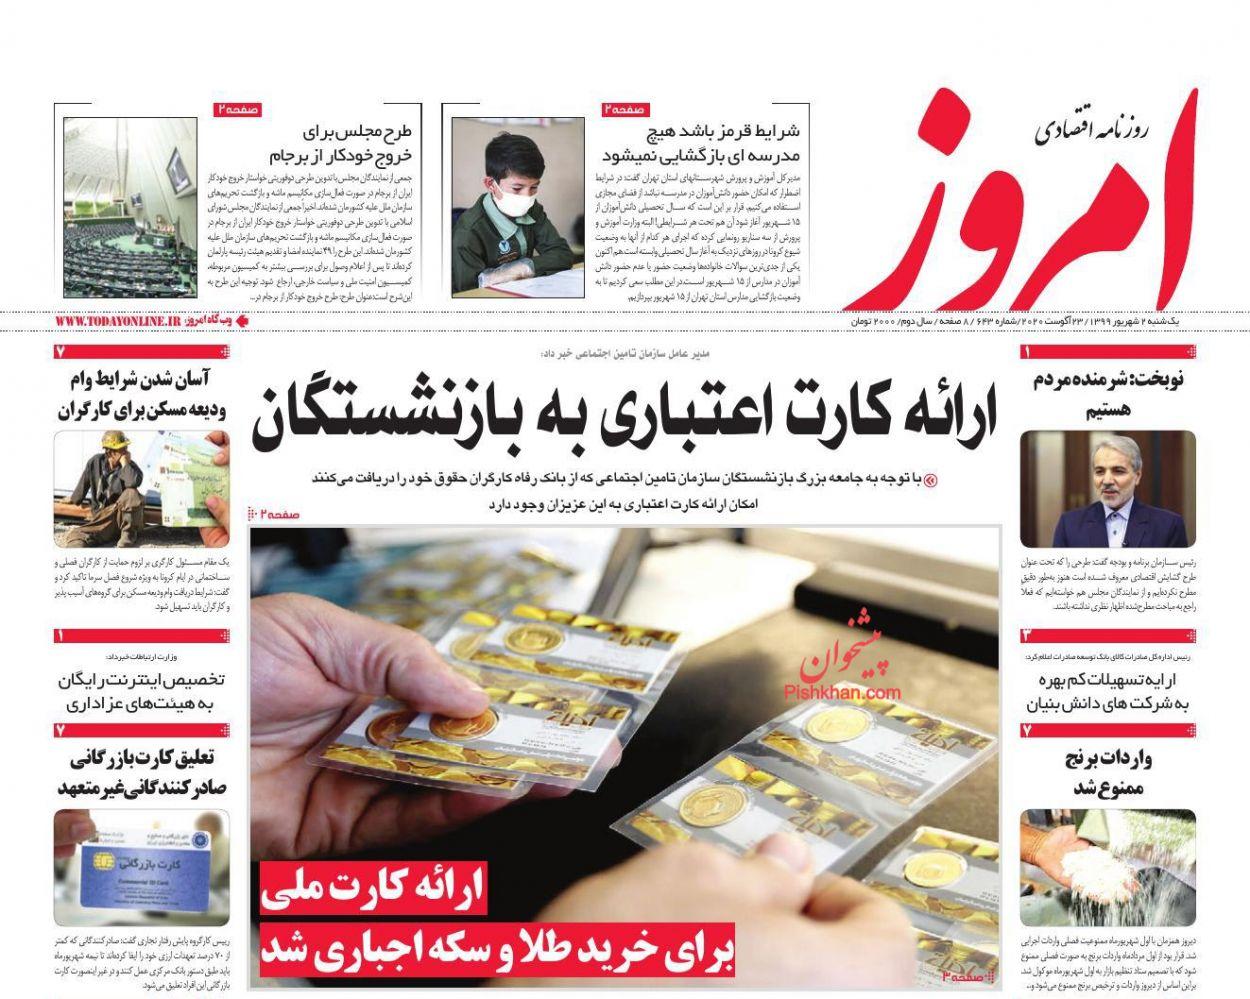 عناوین اخبار روزنامه امروز در روز یکشنبه ۲ شهریور